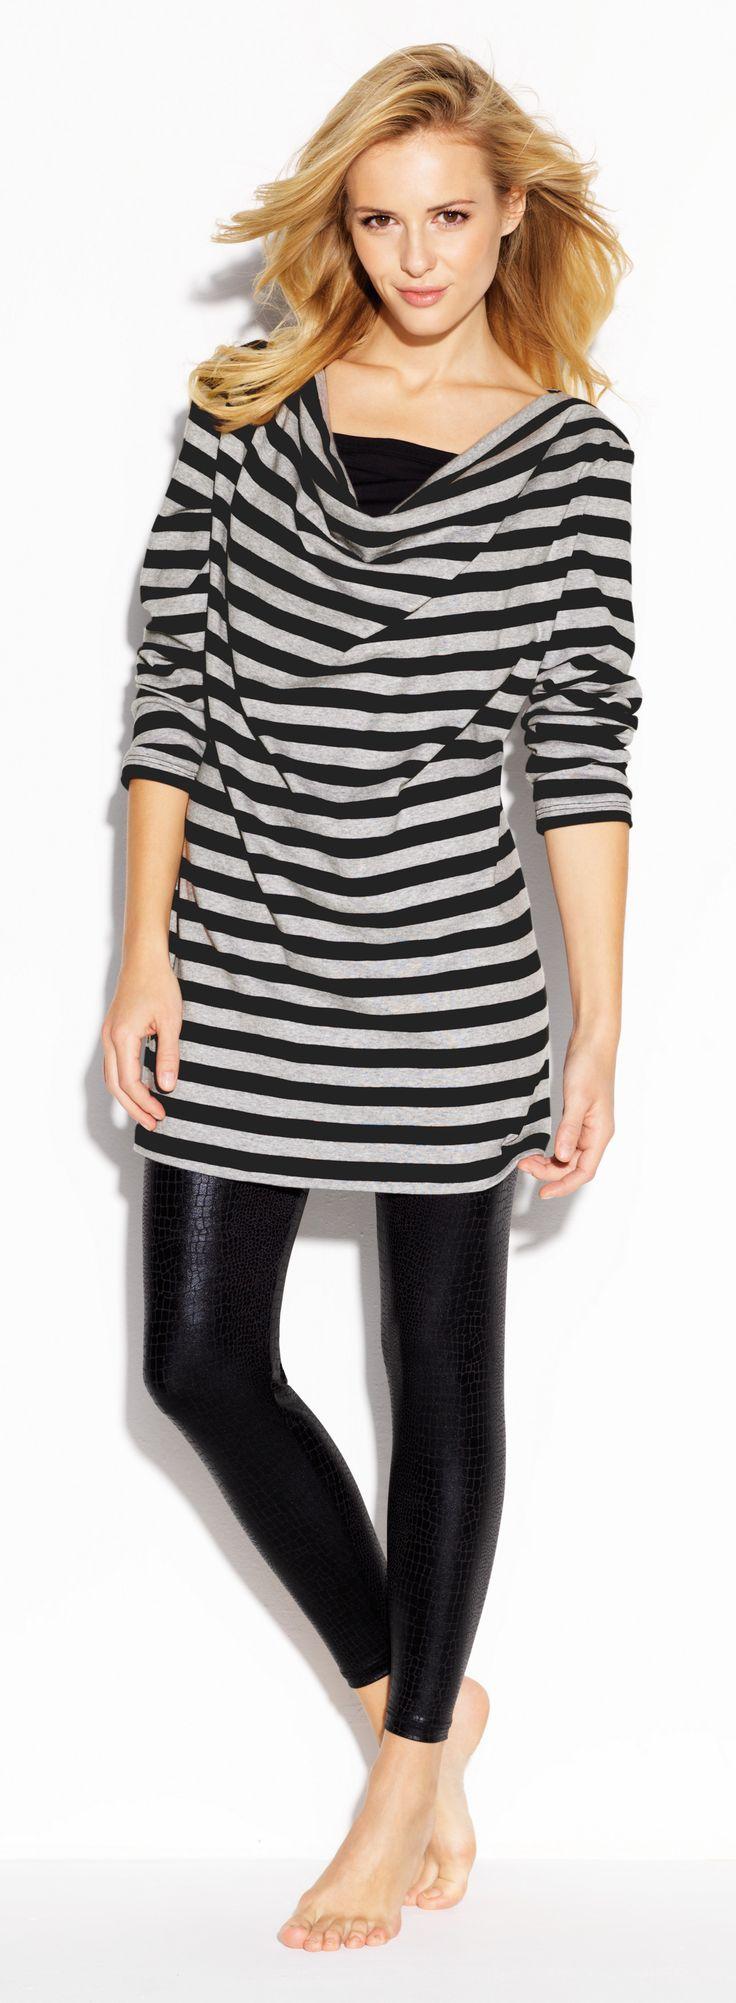 CYBÈLE Podzim-Zima 2015/2016   Volnočasové prádlo   Triko   Legíny   Loungewear   T-shirt   Leggins   www.naturana-plavky-pradlo.cz